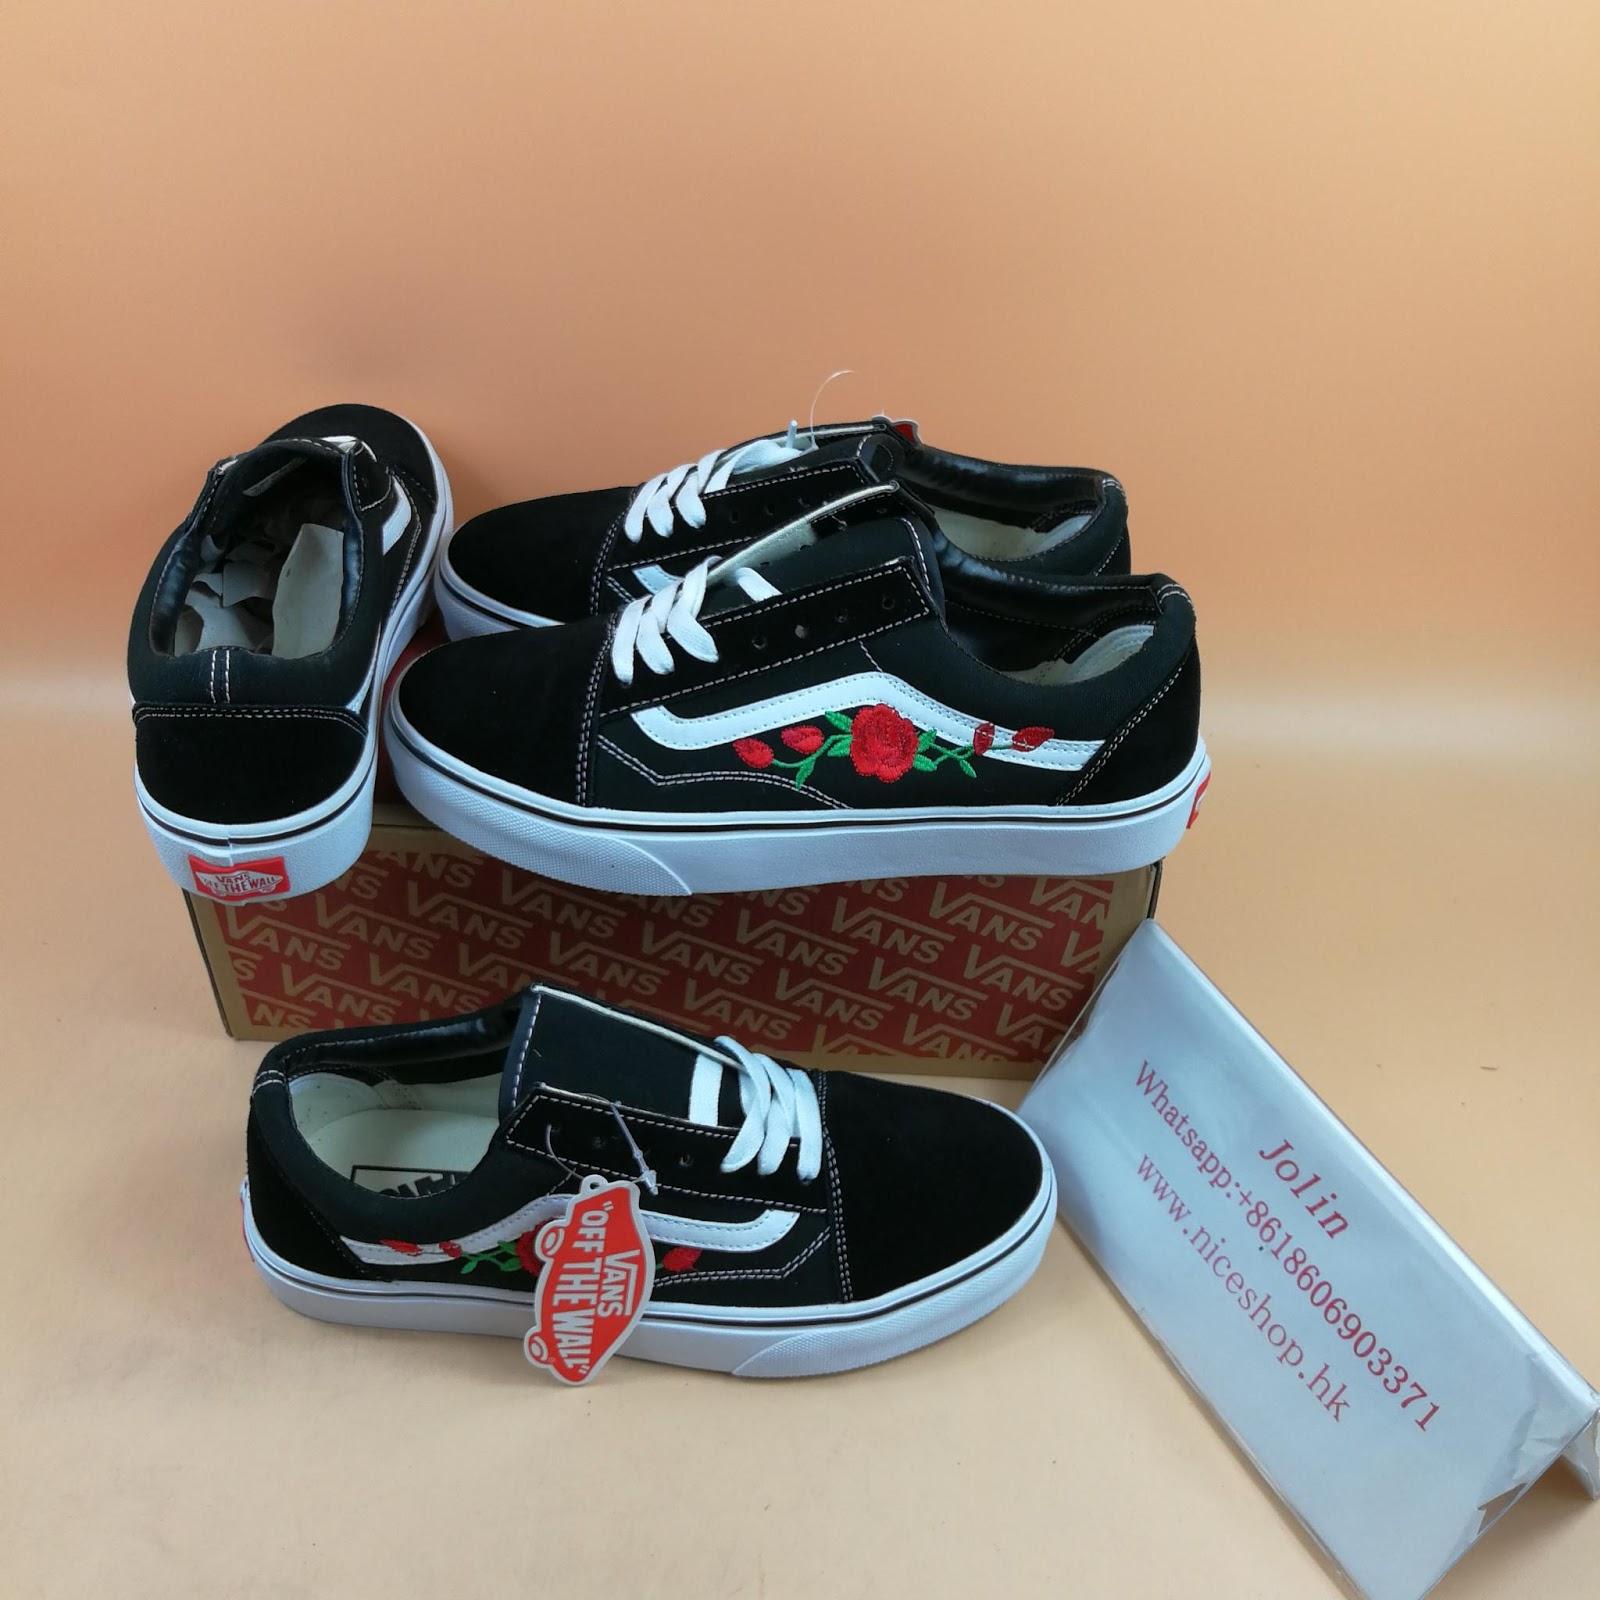 3d47c1999f3b4 Weng Yeezy Yupoo Sneakers Weng Yeezy Yupoo Sneakers For Women